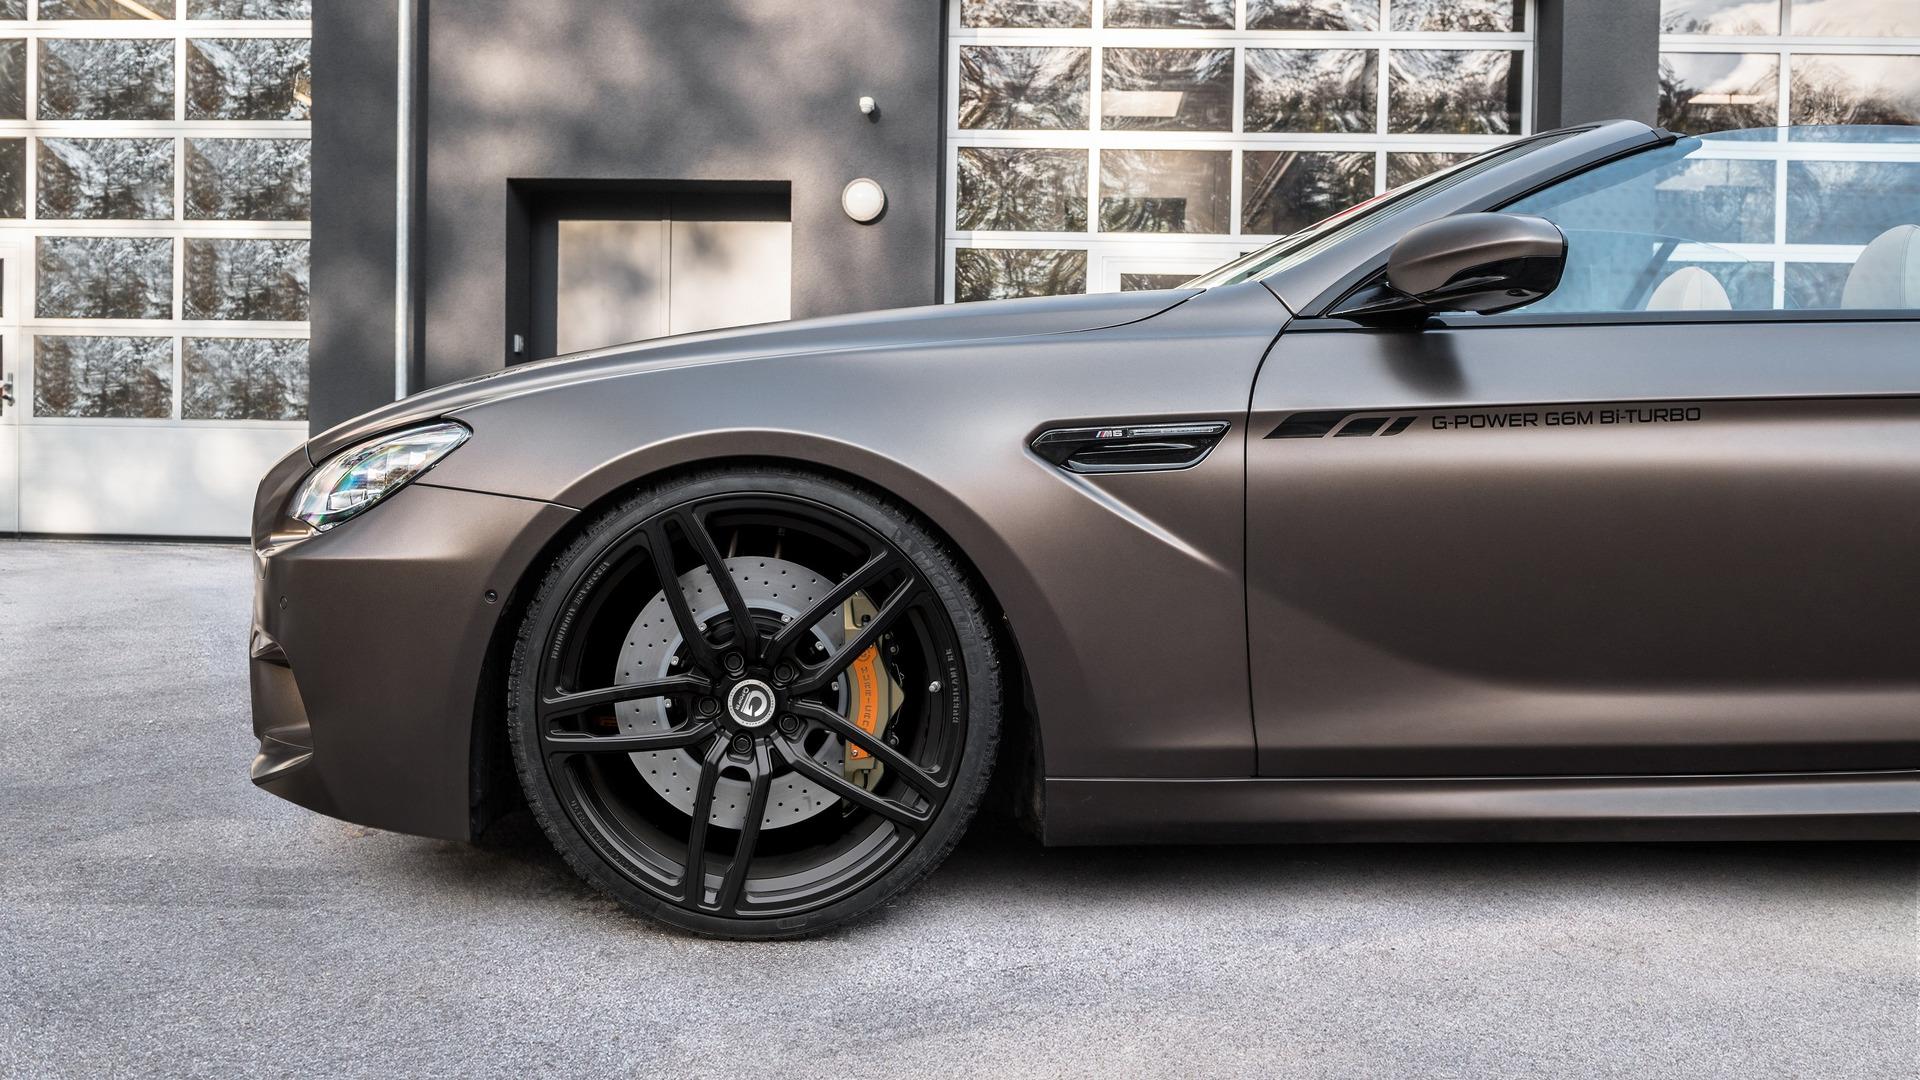 BMW M6 Cabrio by G-Power (6)